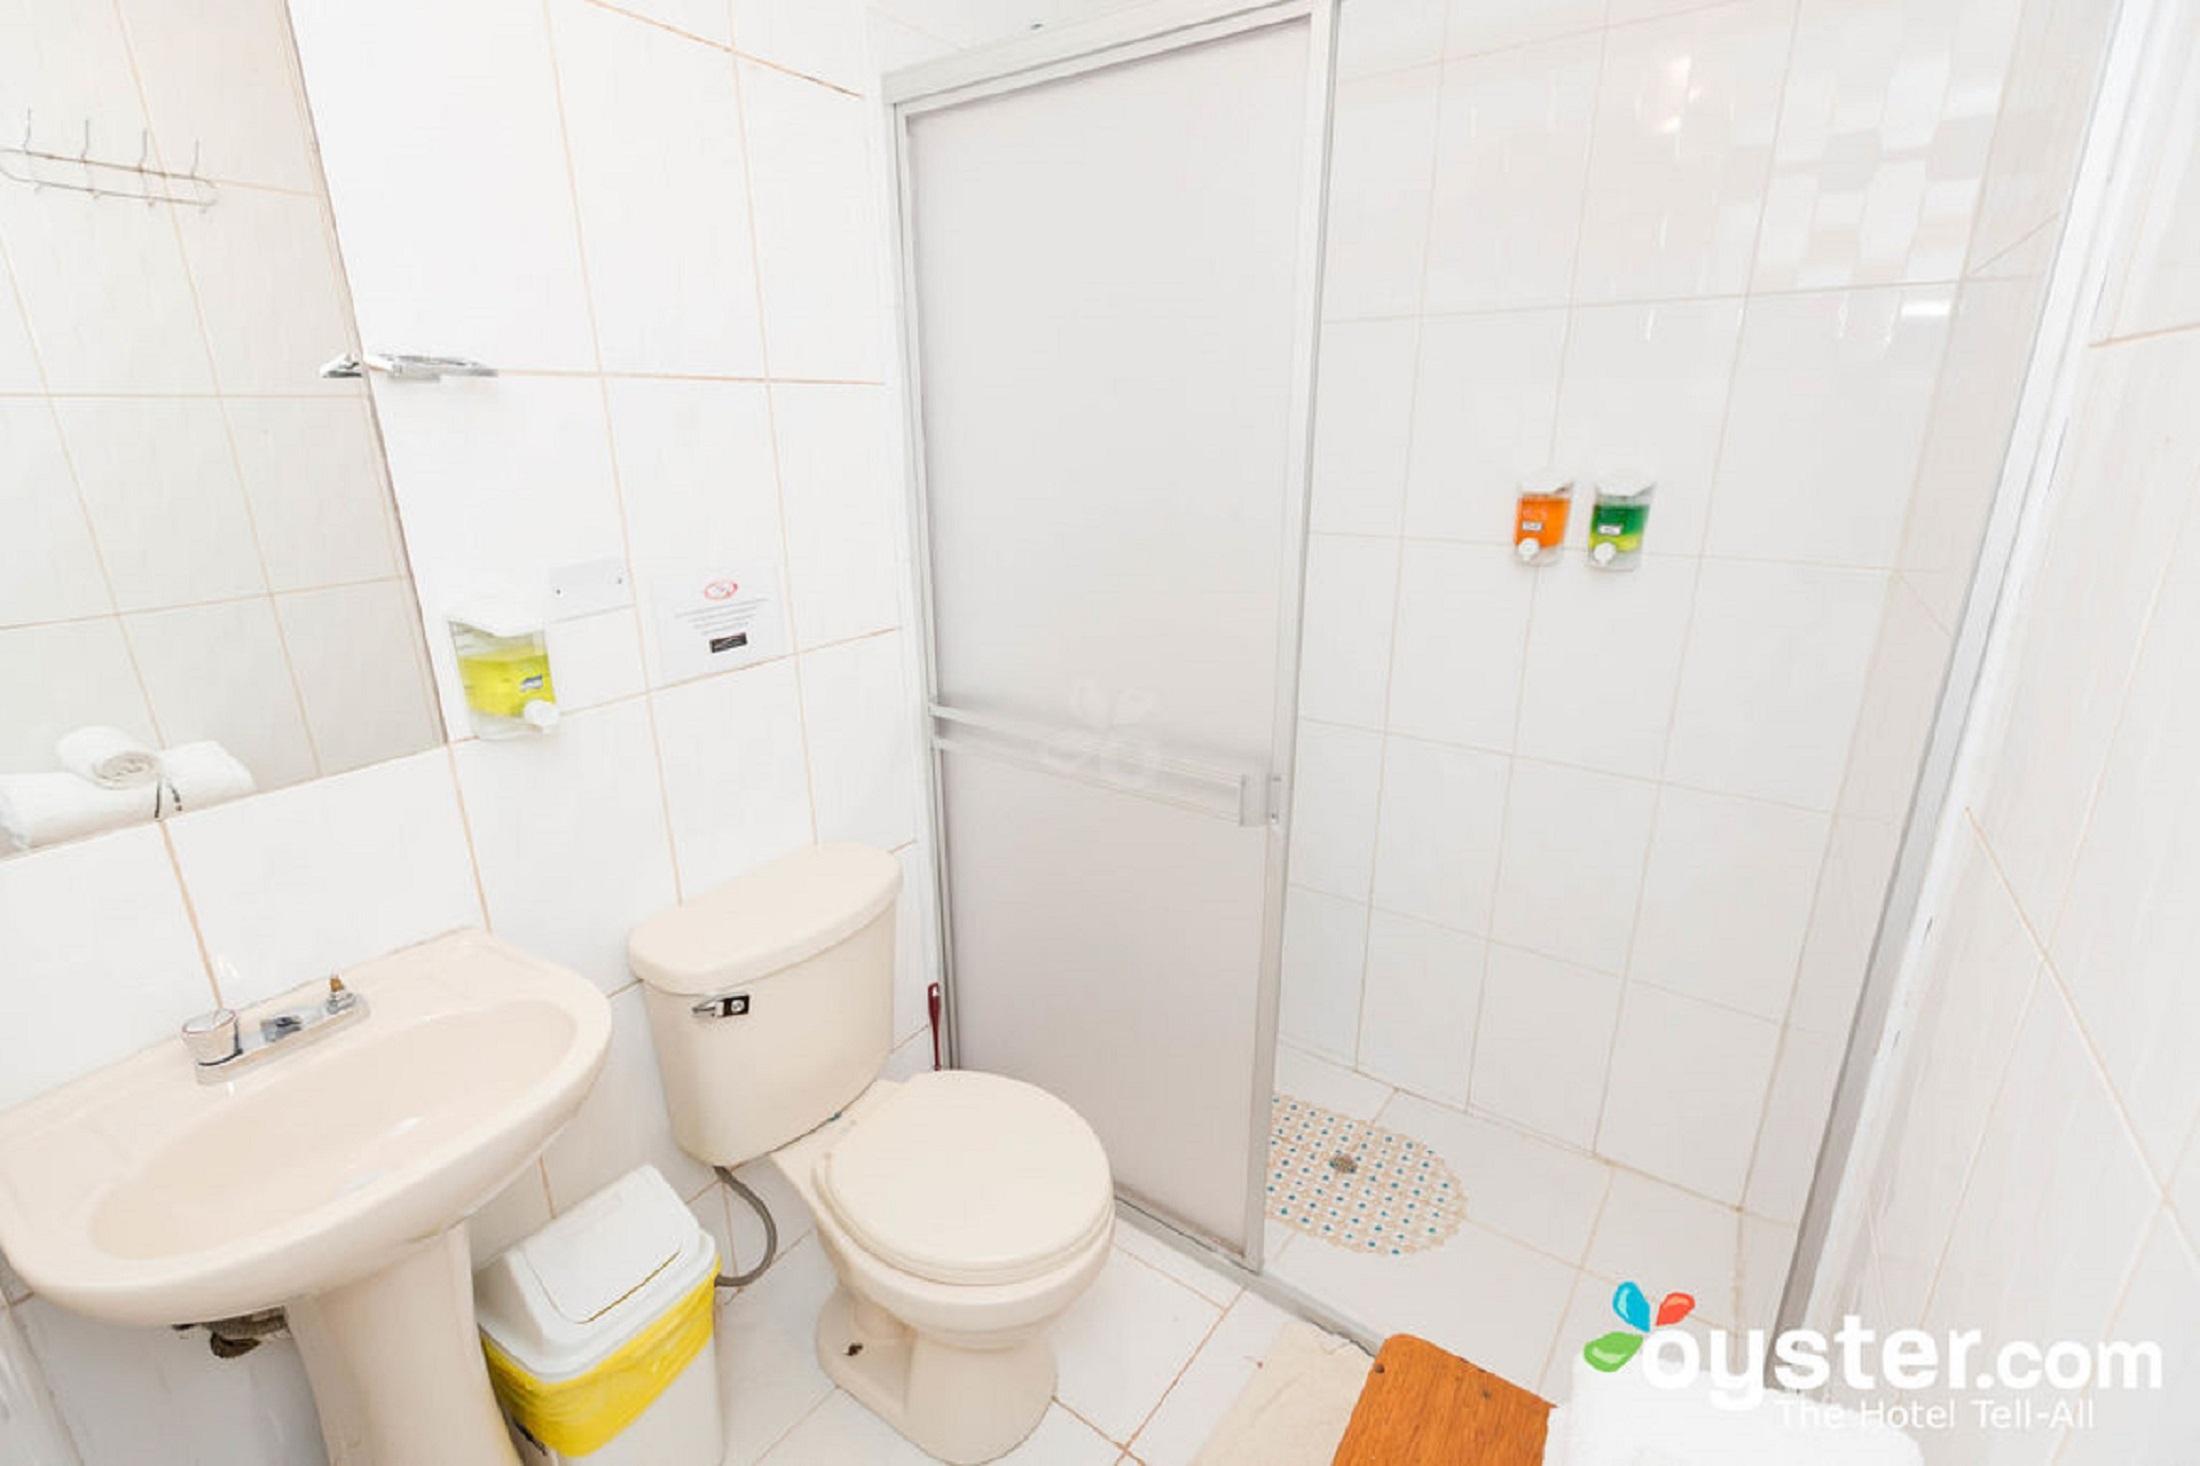 matrimonial-room--v16464851-1024